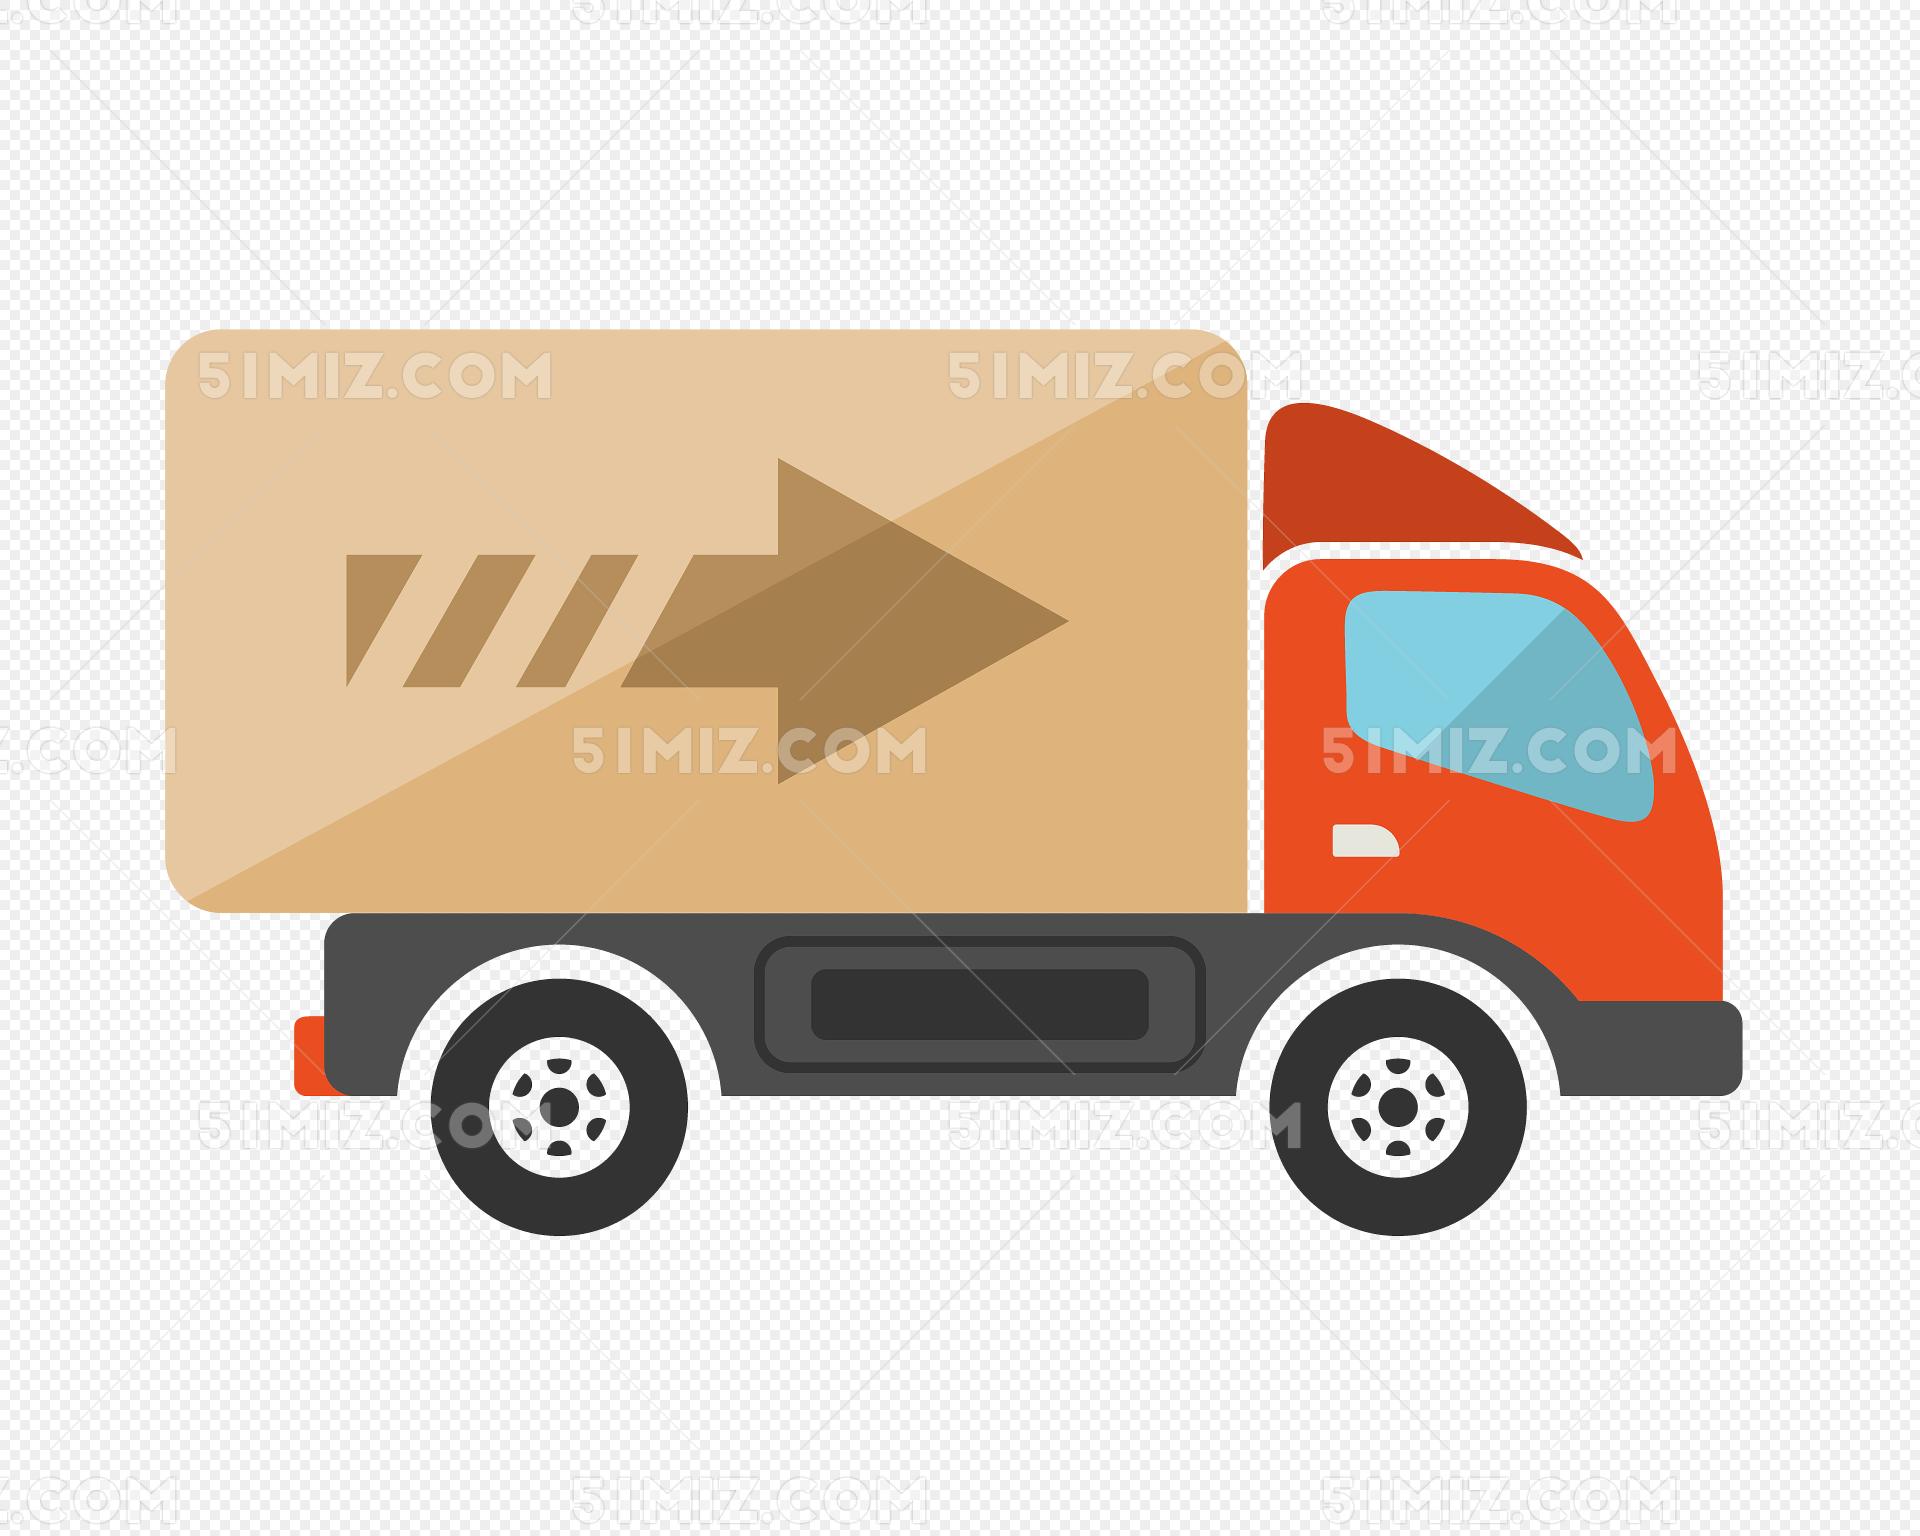 卡通小货车免费下载_png素材_觅知网